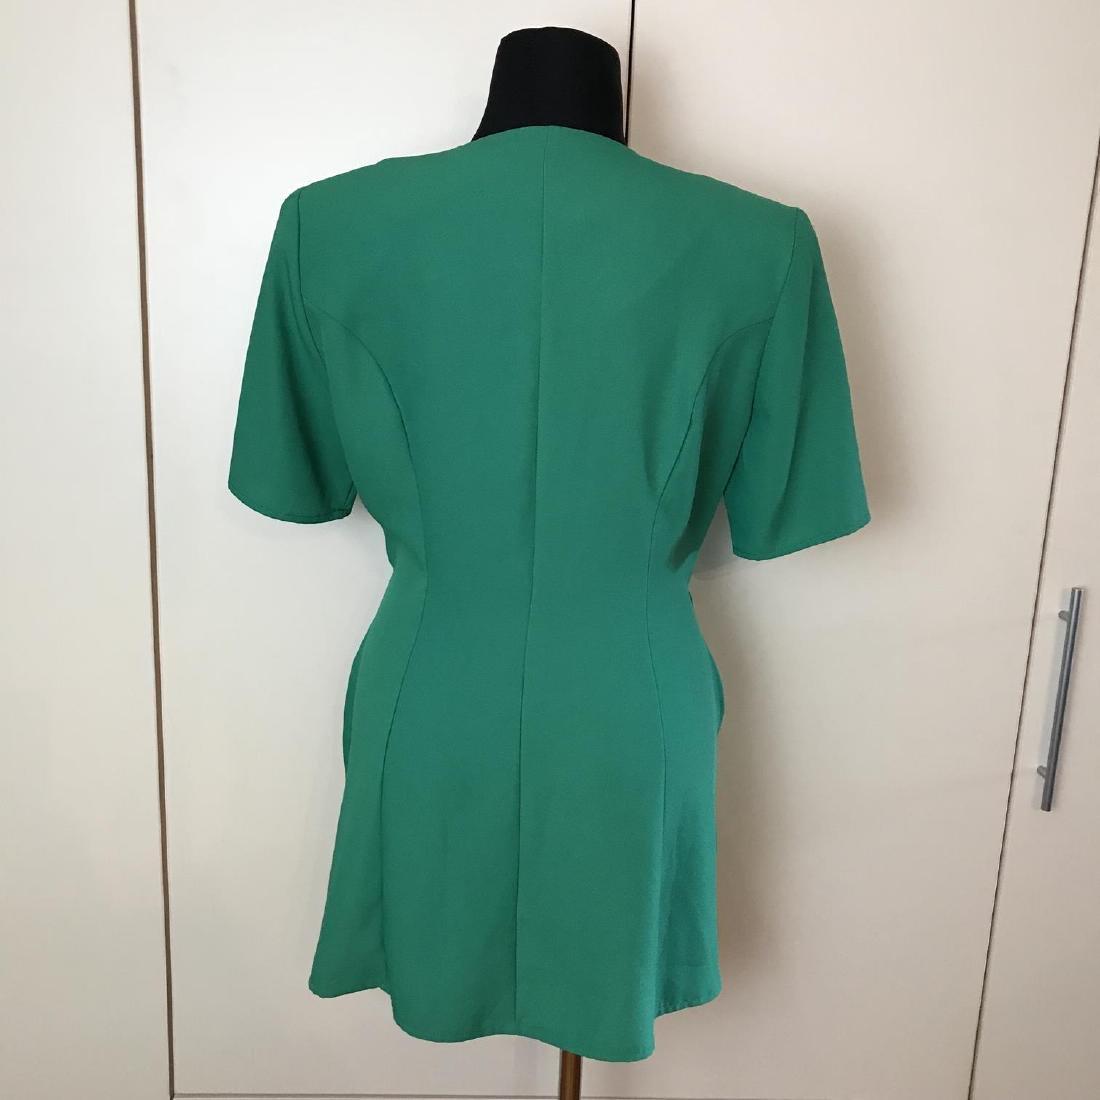 Vintage Women's Blouse Shirt Jacket Size US 12 UK 16 - 5